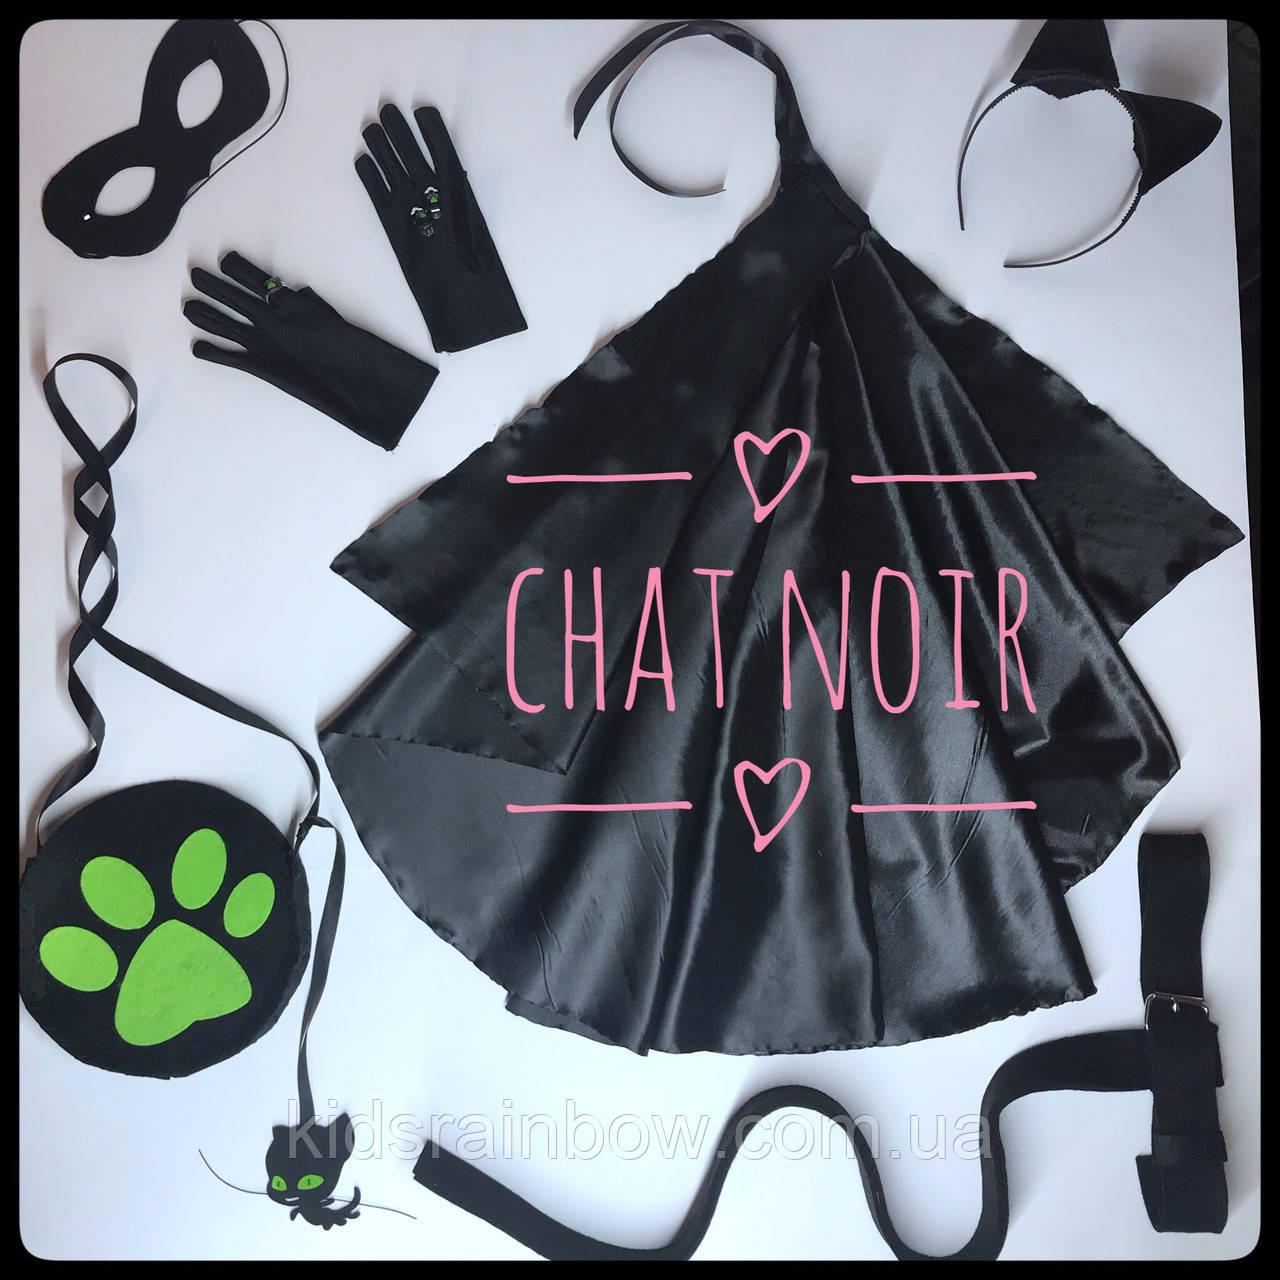 Набор аксессуаров для девочки Супер Кот / Chat Noir + перчатки, плащ, пояс-хвост